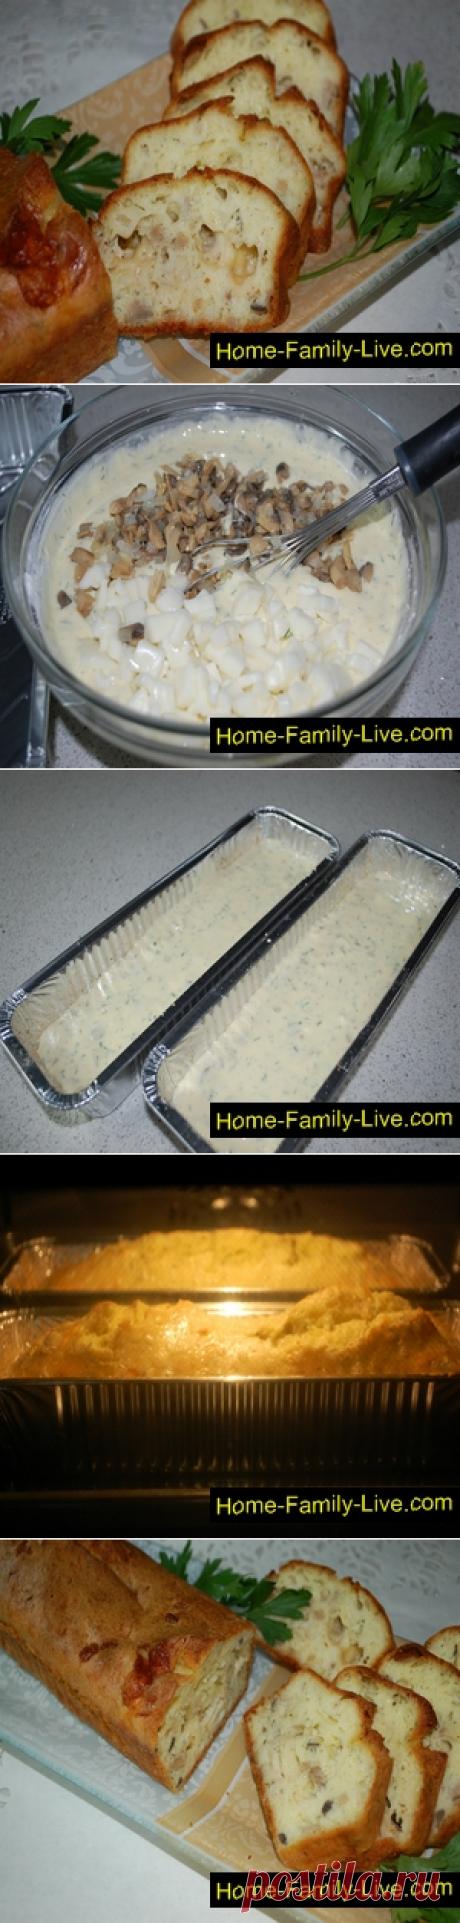 Паштида с грибами и сыром/Сайт с пошаговыми рецептами с фото для тех кто любит готовить